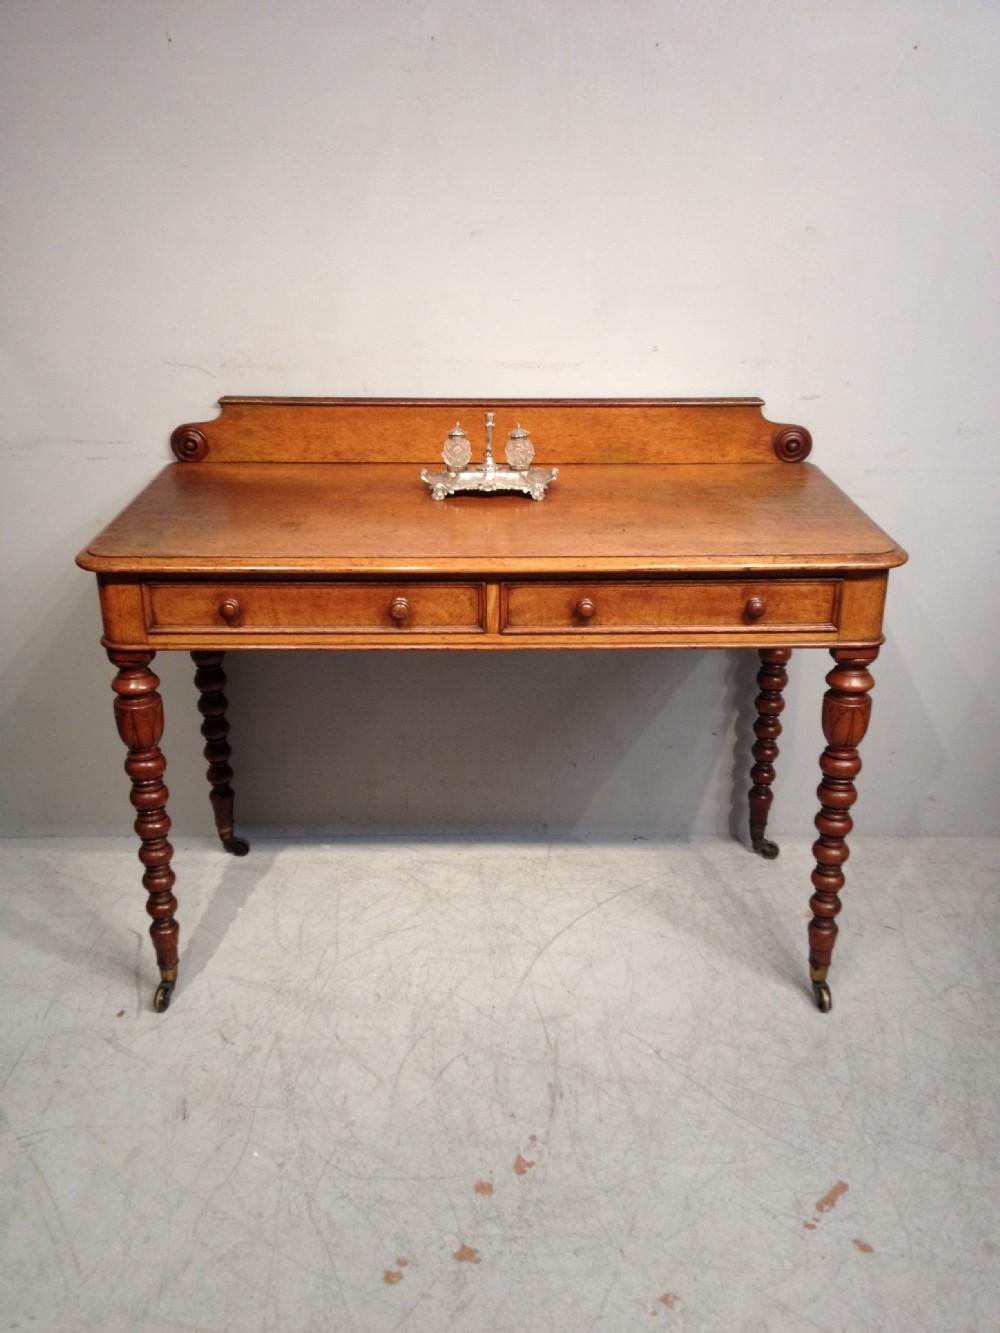 antique oak writing table by t seddon - Antique Oak Writing Table By T Seddon. 527022 Sellingantiques.co.uk